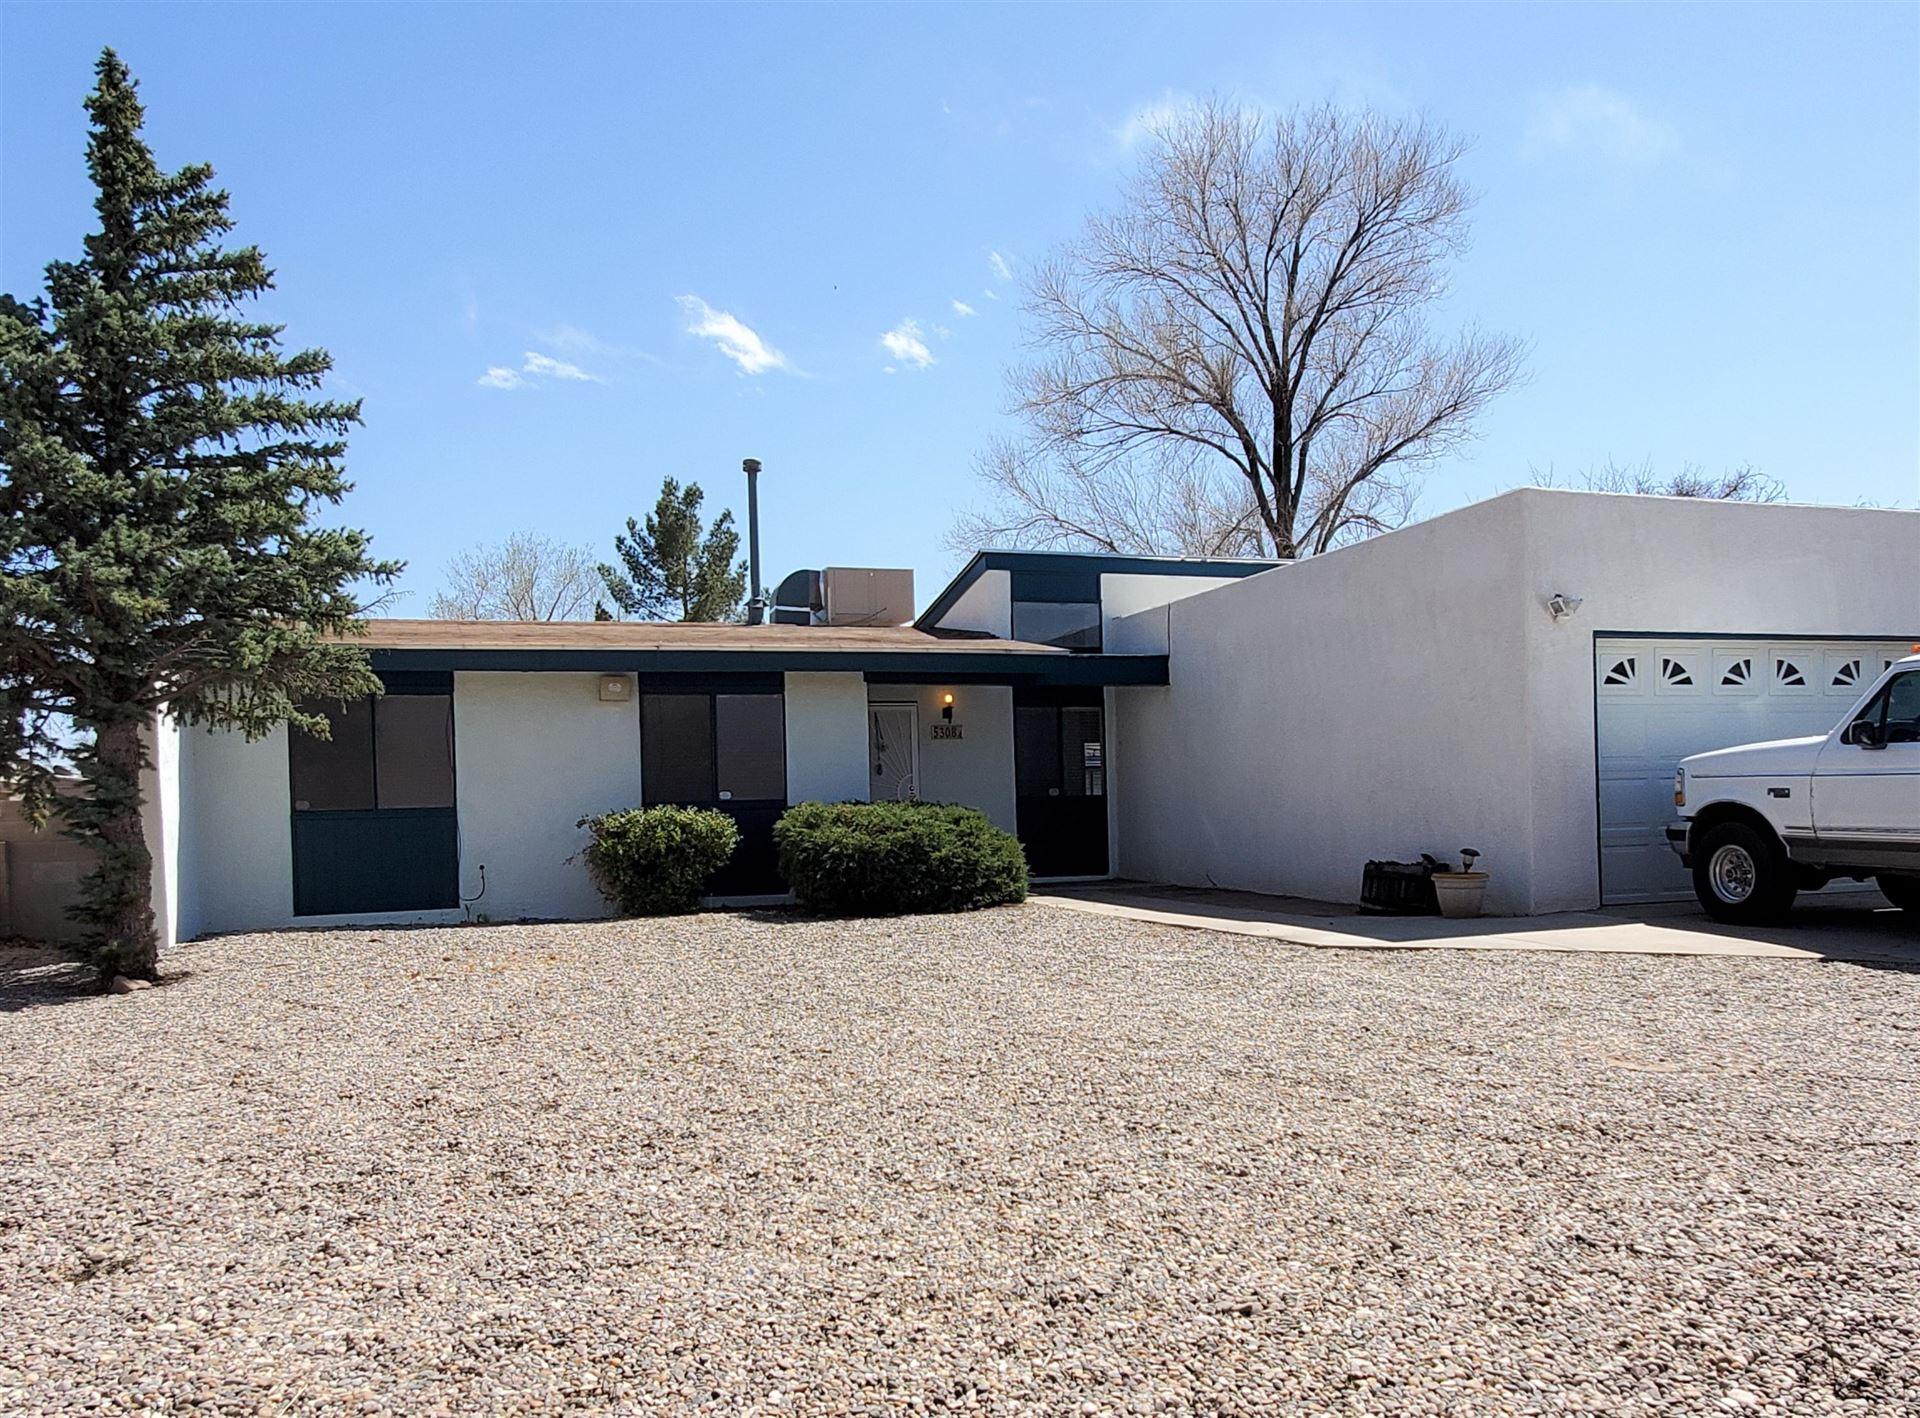 5308 Sooner Trail NW, Albuquerque, NM 87120 - MLS#: 989437